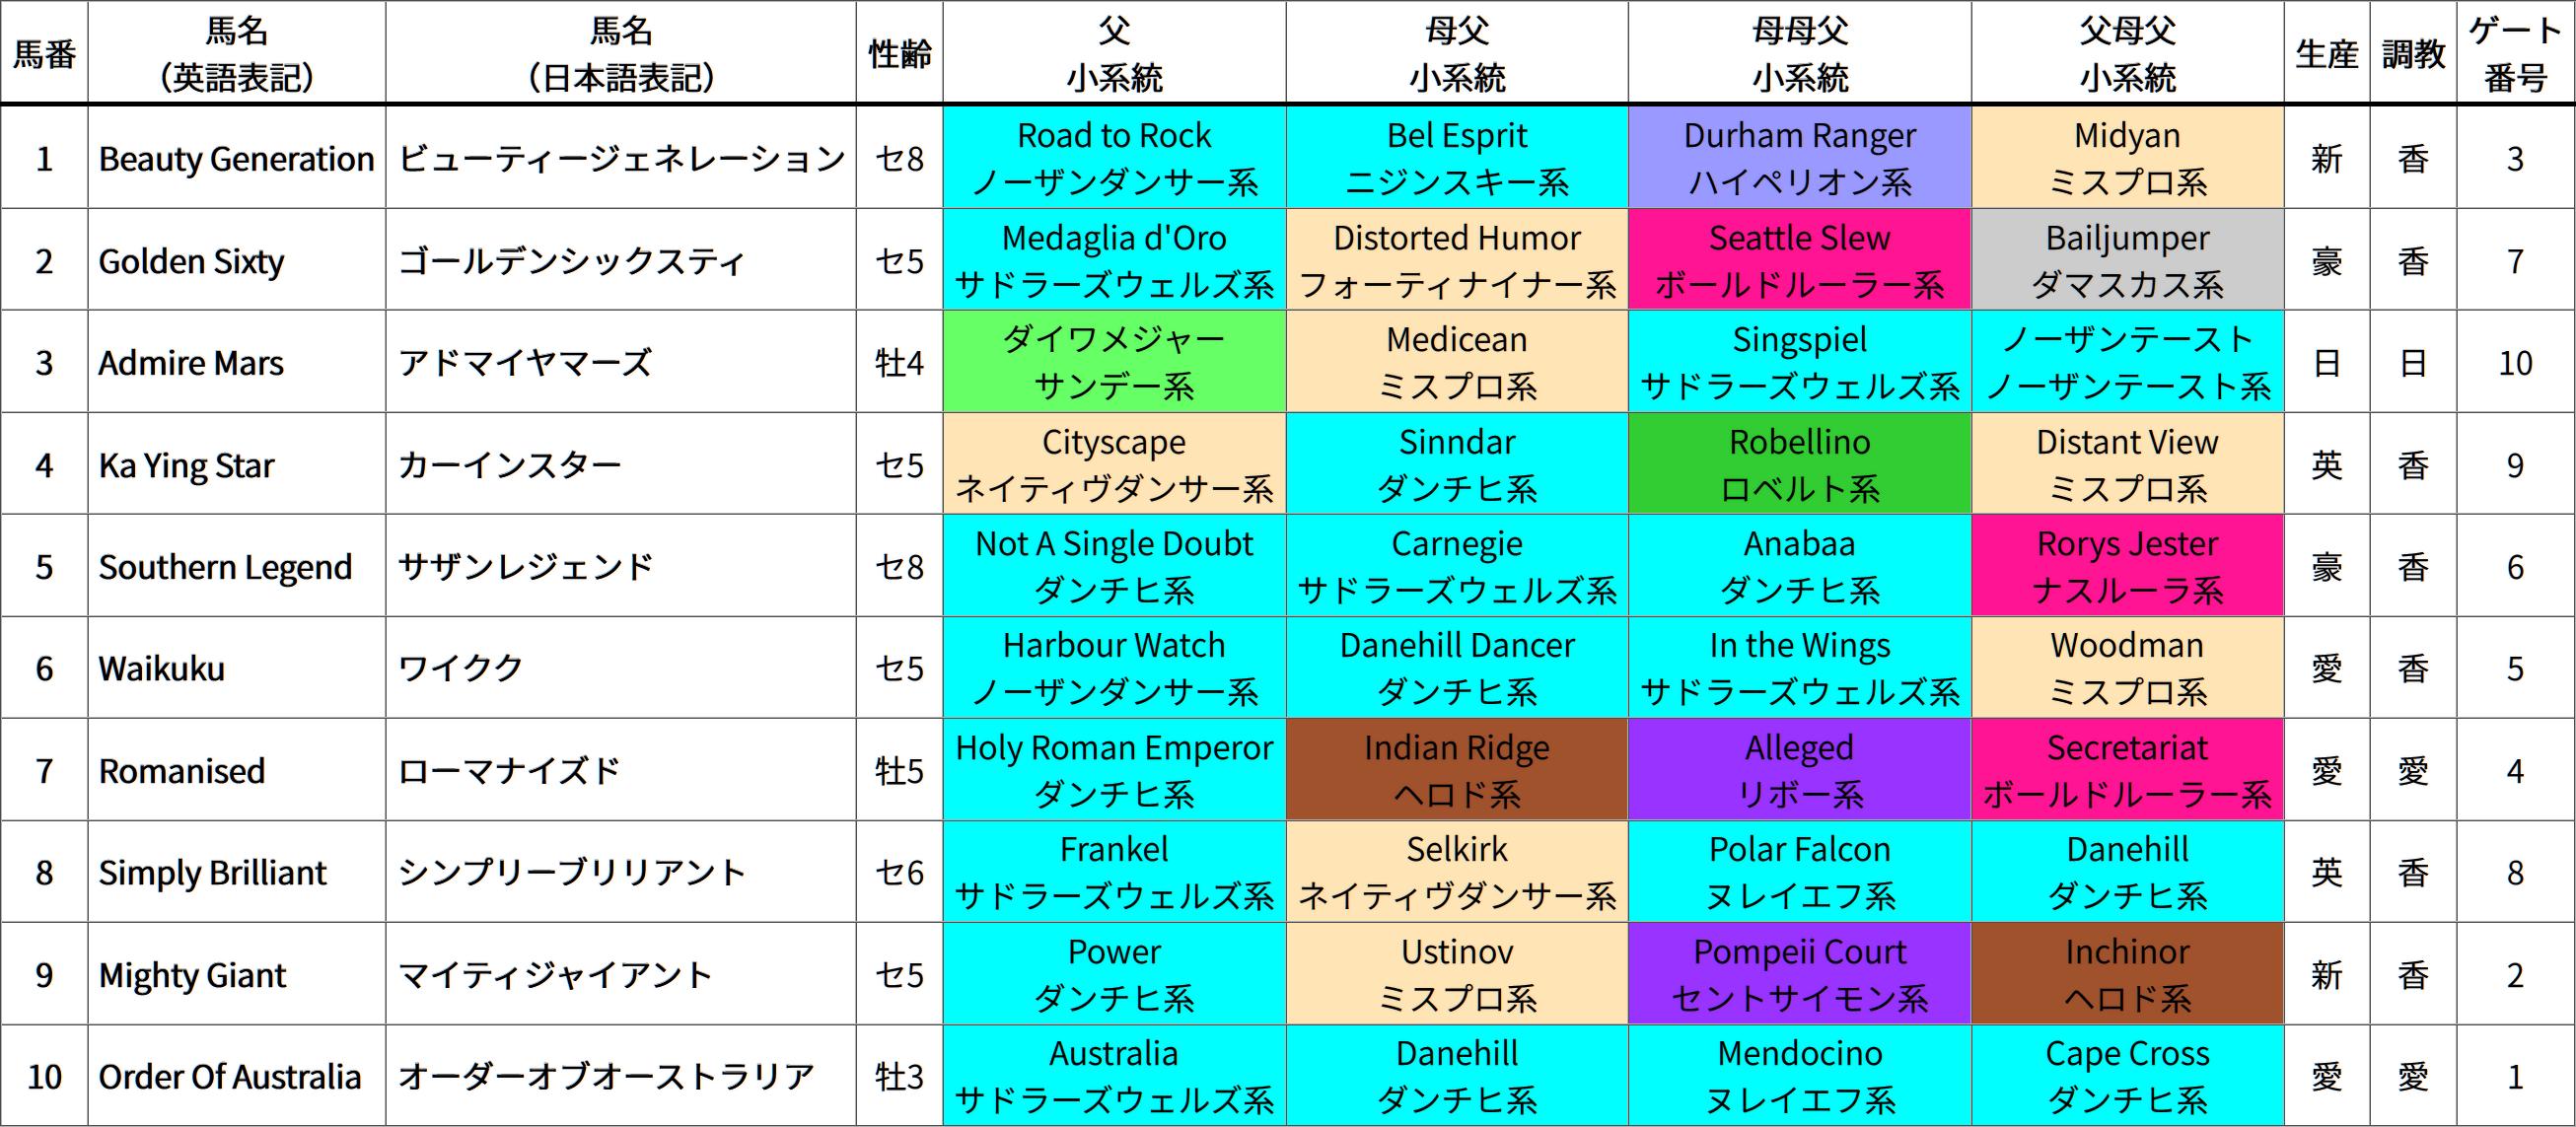 香港マイル(芝1600m、日本時間16:50発走) 出走馬の4ライン血統&系統表